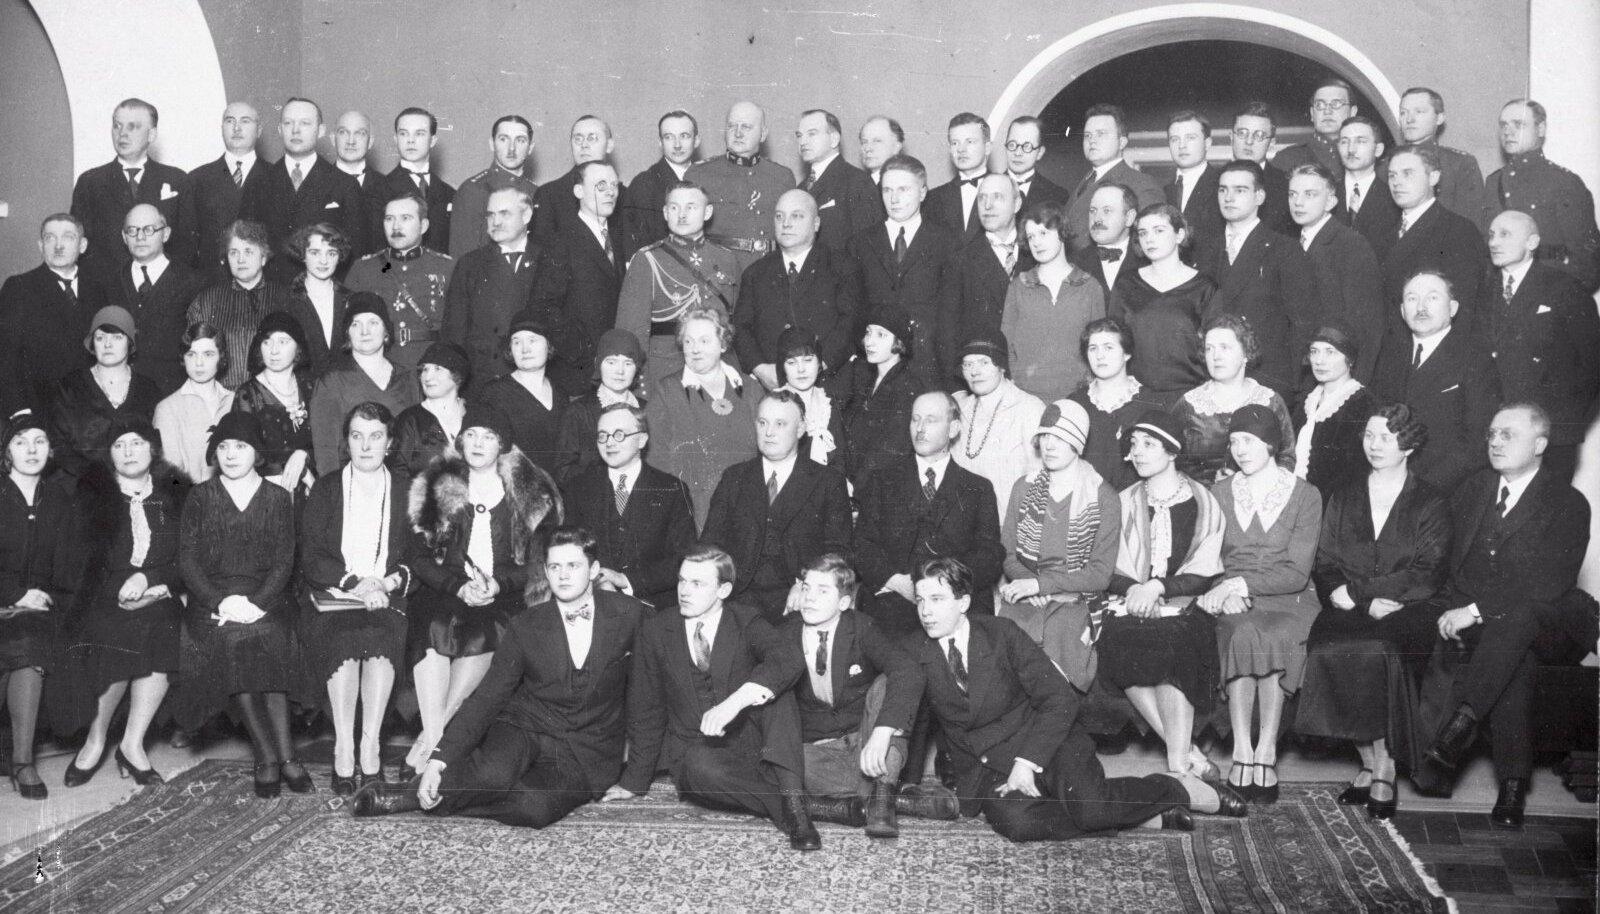 Klubi Centum sündis Eestis Konstantin Pätsi mõttest, et noor riik vajab oma eliiti. See eliit pidigi tekkima Centumi klubi ja selle sajakonna liikme ümber.